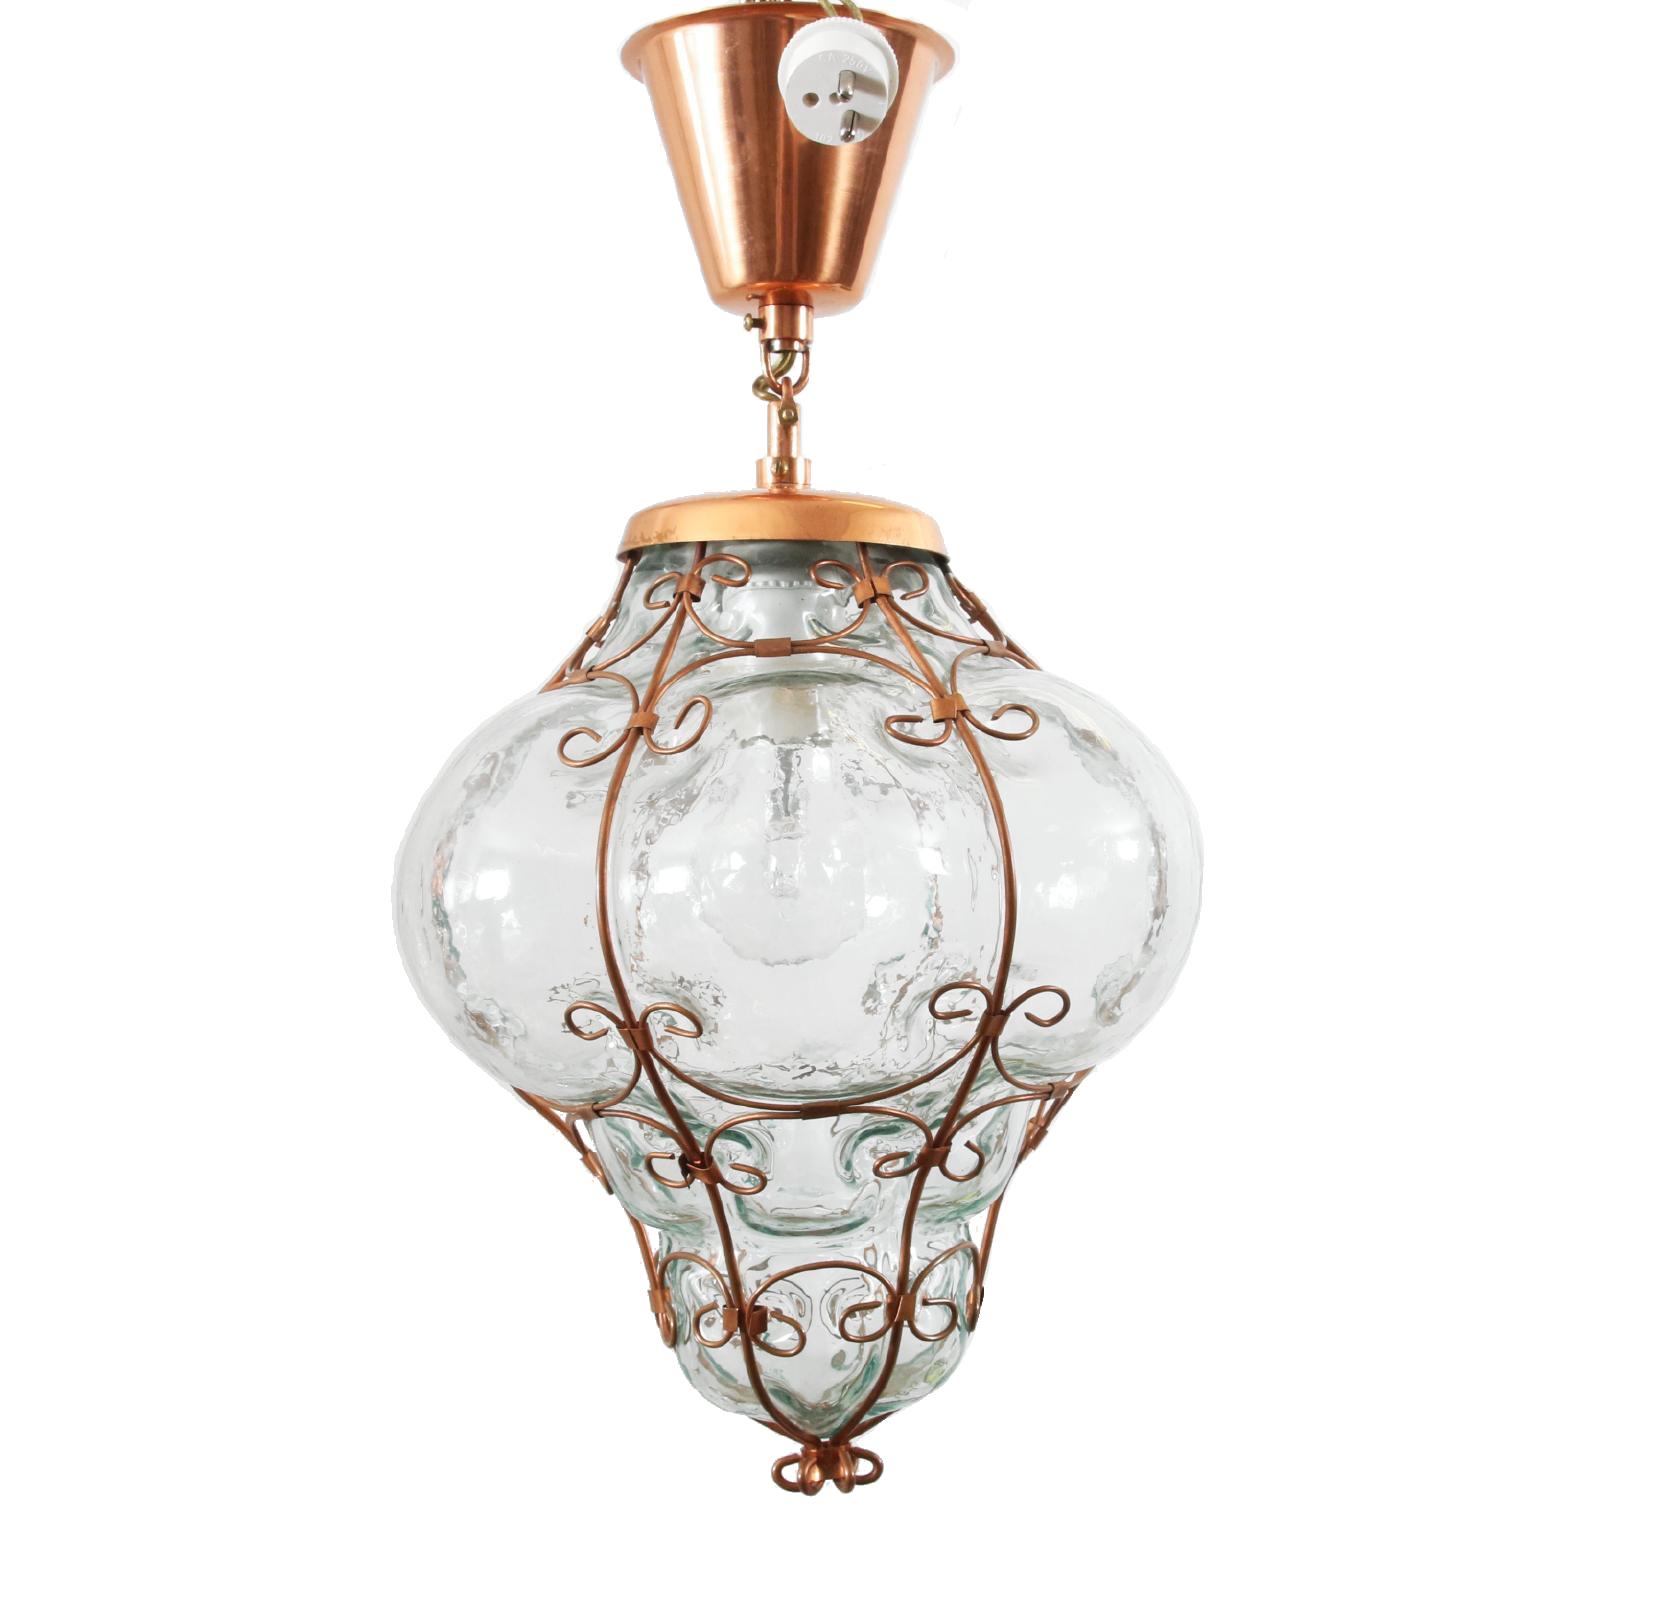 Taklampa, 1900-tal Koppar och glas. (Höjd 40) Utrop: 100 sek. Dalarnas auktionsbyrå